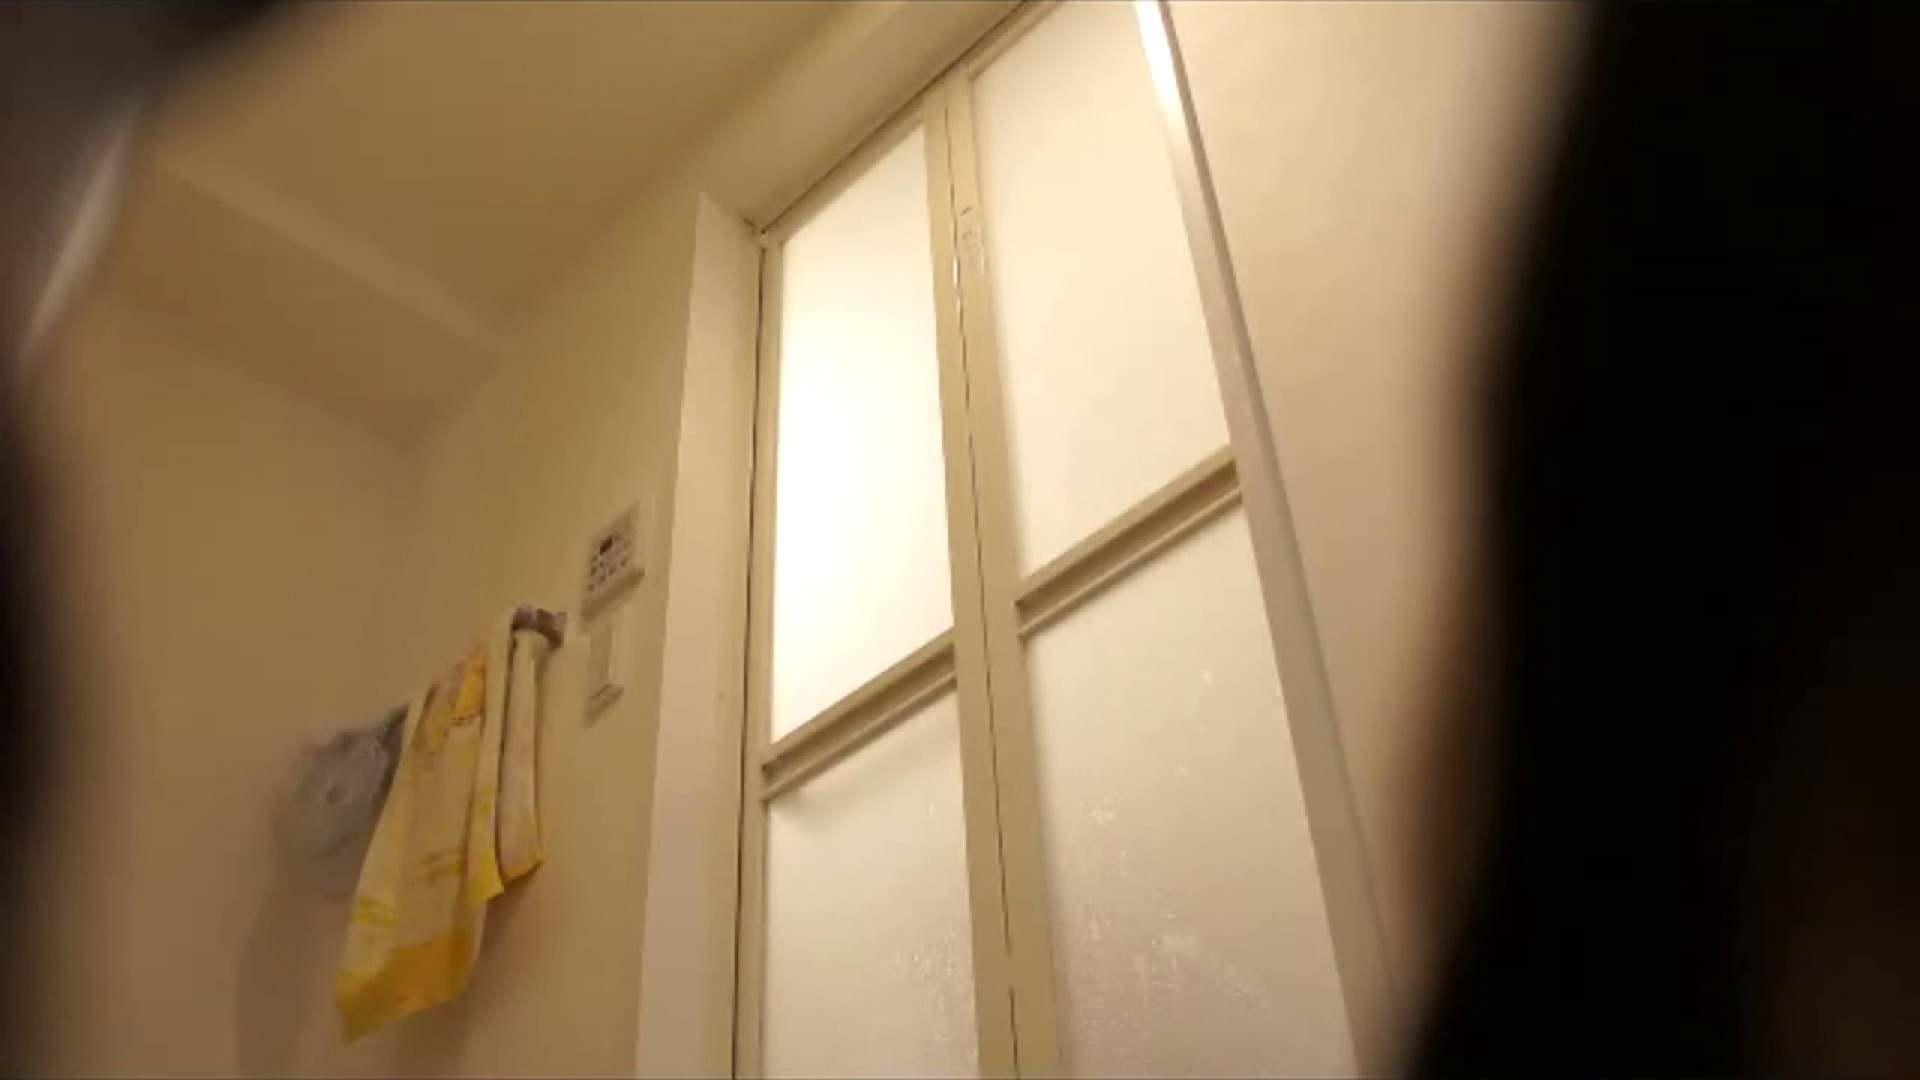 vol.16 レイカ入浴。今日は生理中のようです。 ギャル攻め   ○族  64画像 29